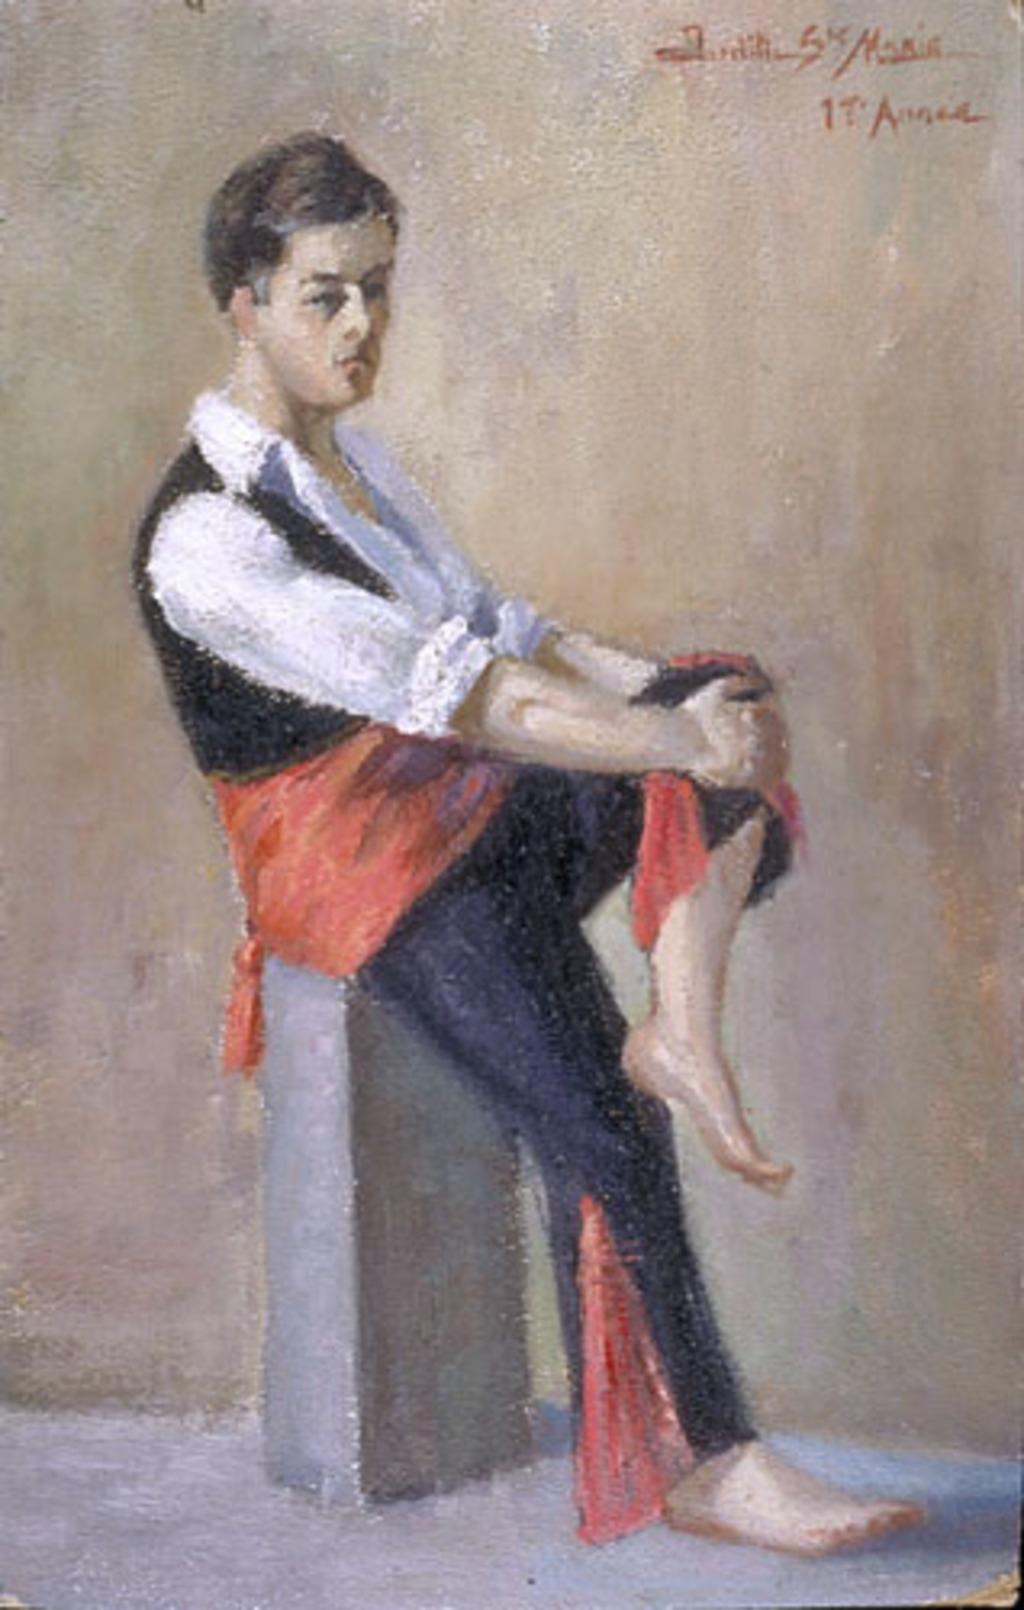 Danseur folklorique espagnol